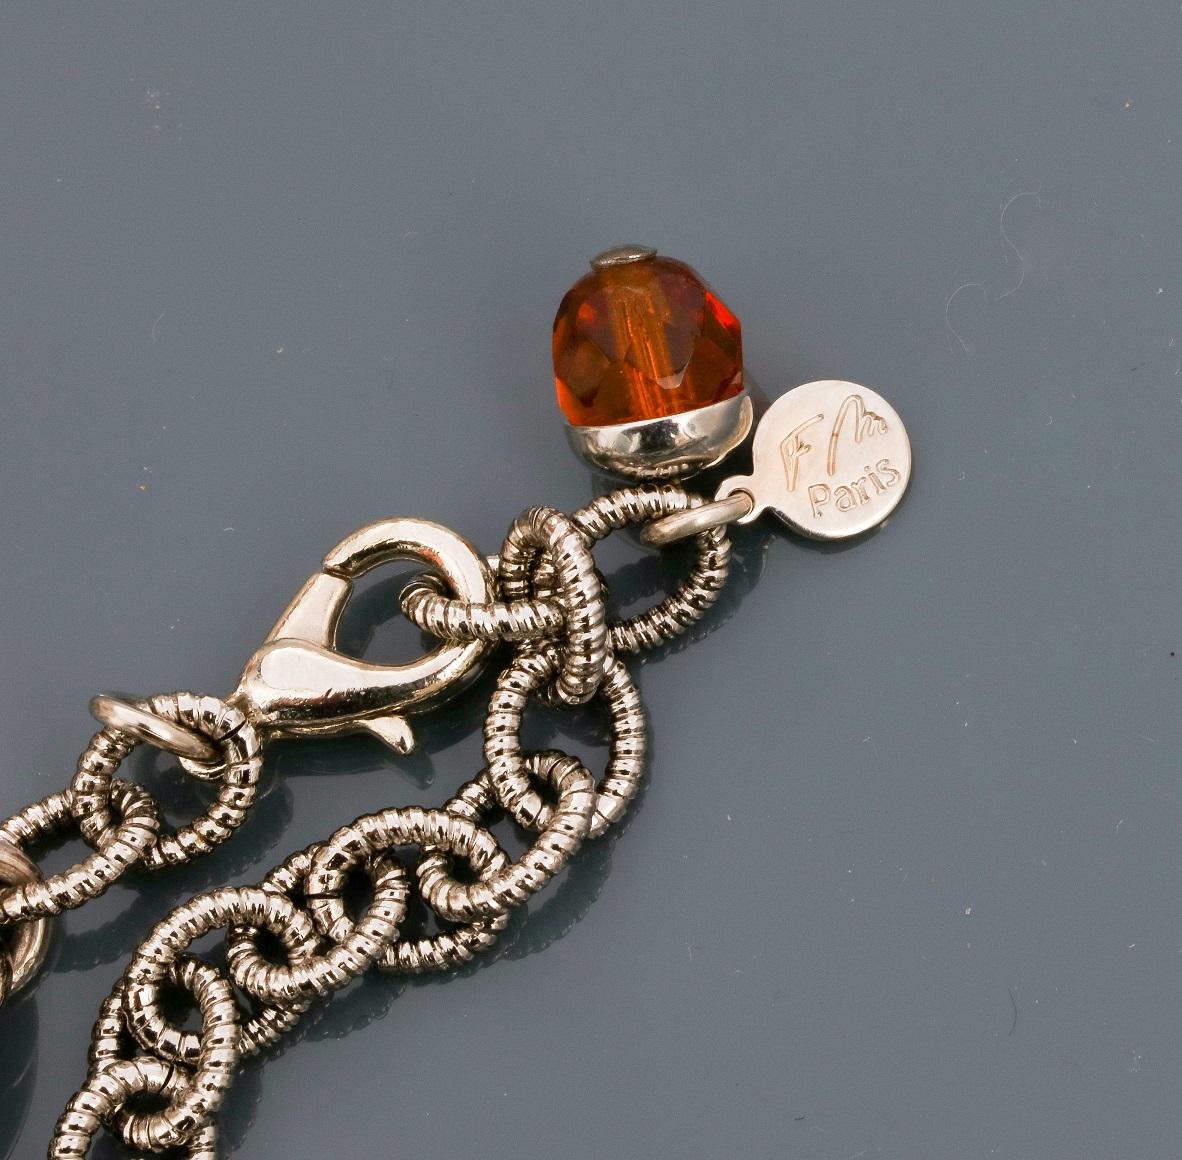 Françoise MONTAGUE, Collier de chaînes en métal rhodié entrelacées portant deux [...] - Image 2 of 2